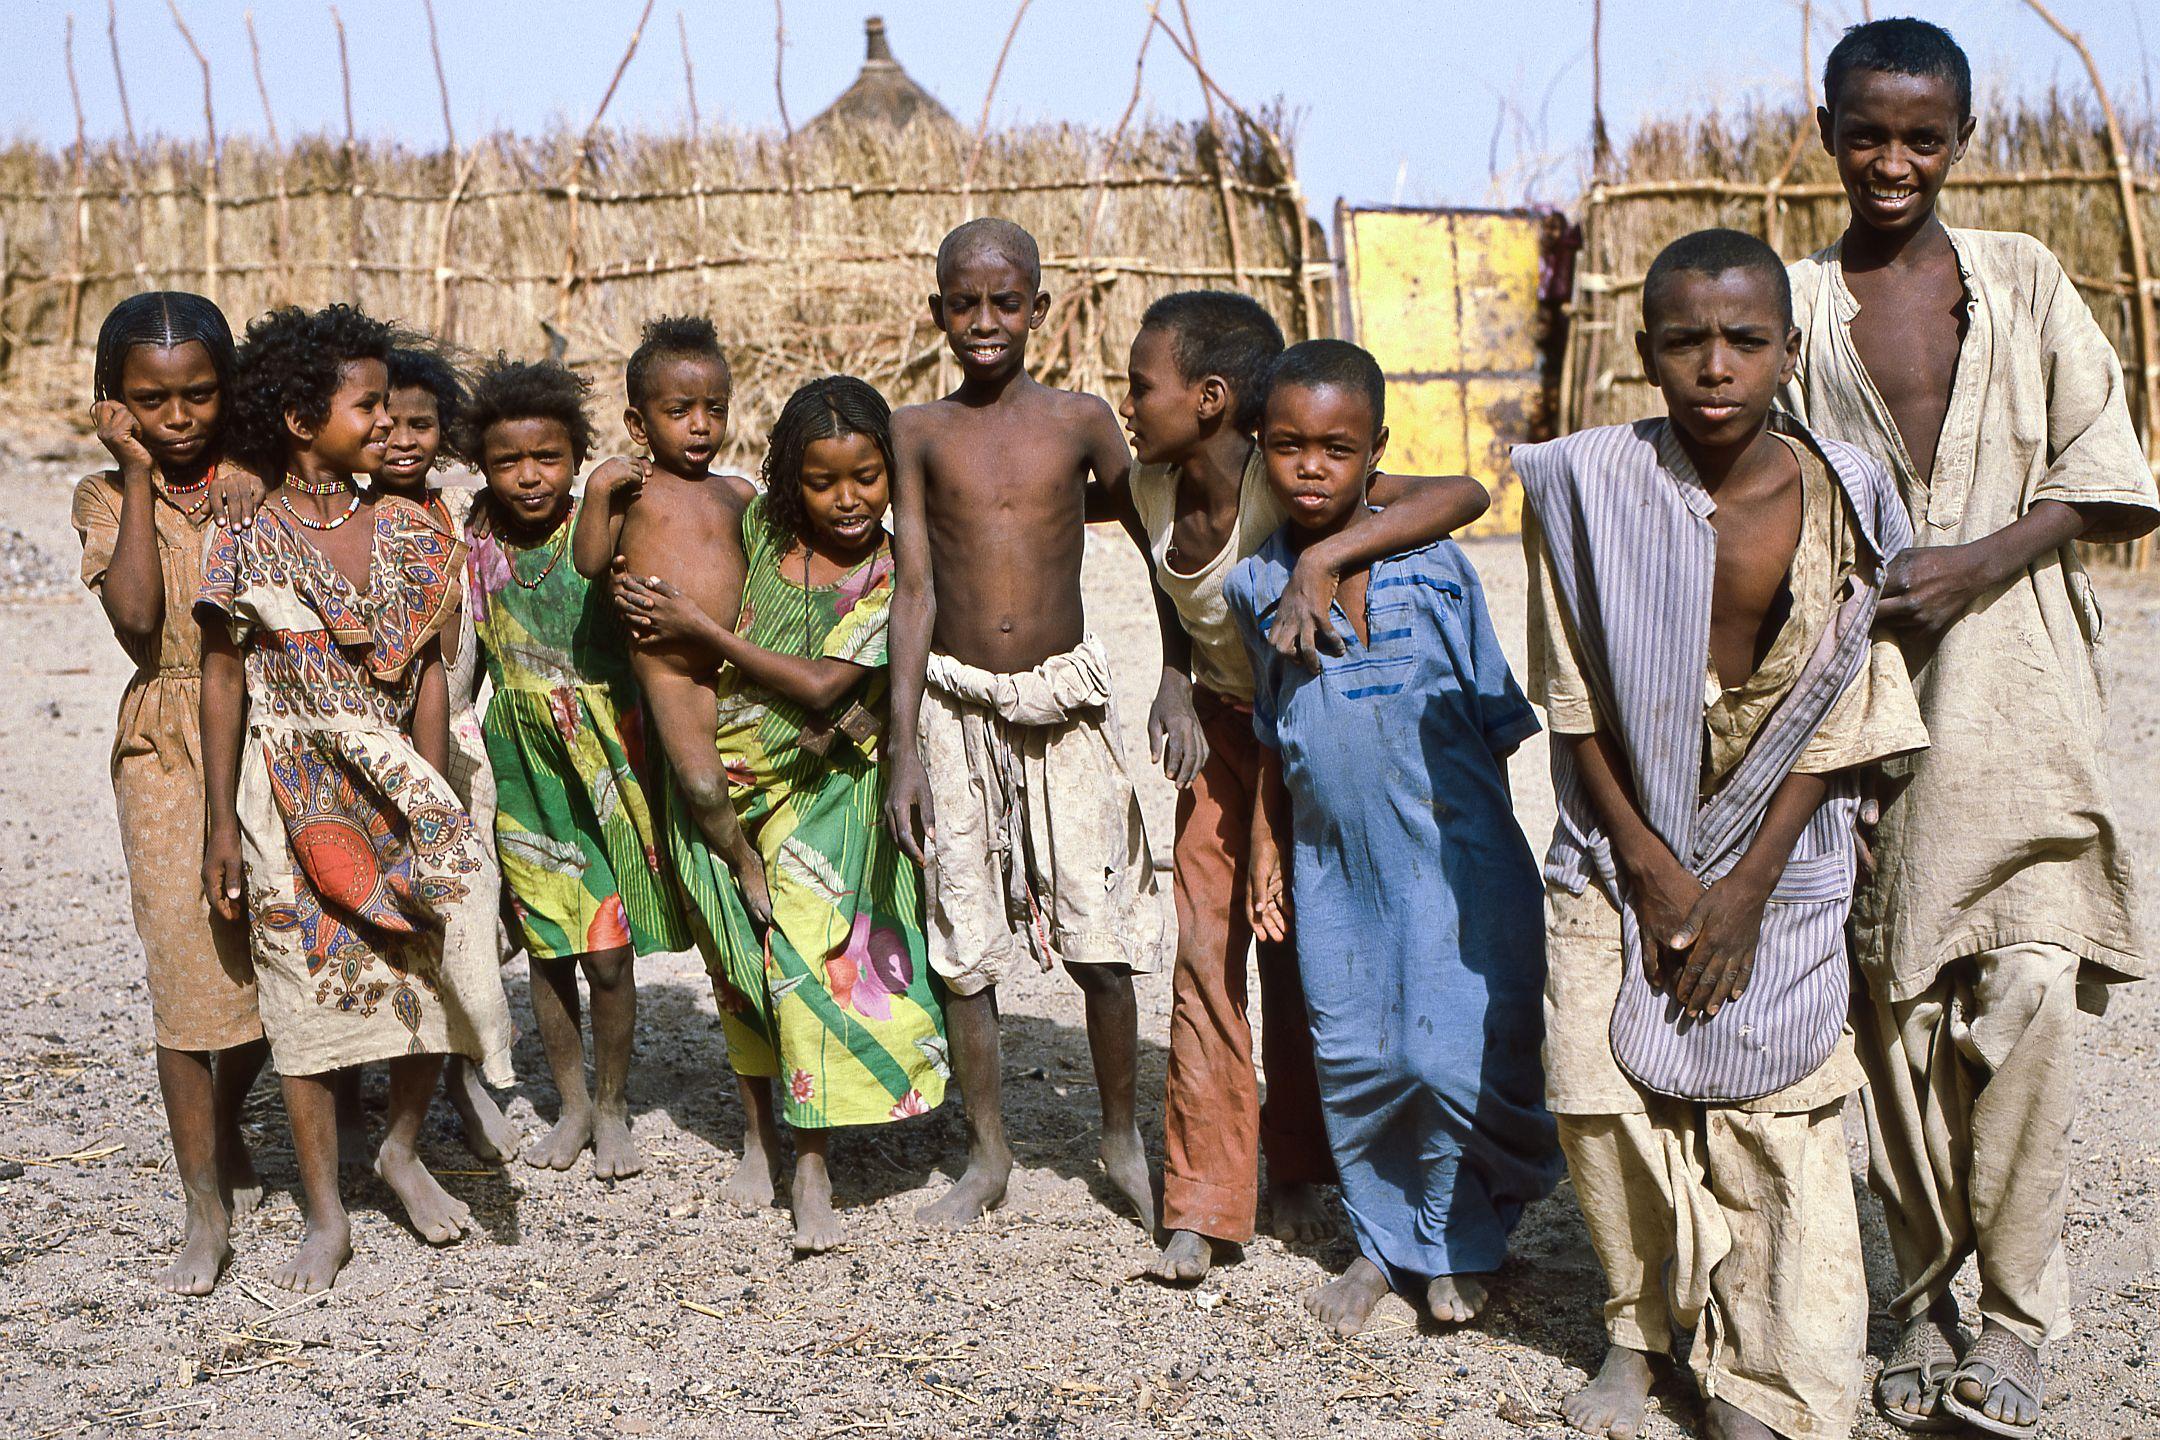 In Kassala, Sudan kann es um diese Jahreszeit über 40°C werden. Da wenig Regen fällt, zeigt sich die Natur am Siedlungsrand der Stadt wenig bewachsen. Die Kinder zeigen sich neugierig und als Gruppe mutig genug um für ein Foto zu posieren. Auch hier gehören die kleineren Kinder dazu. Ein schönes Bild einer Kindergemeinschaft! Erkennbar ist auch, dass die beiden Ältesten bereits nicht mehr Teil dieser Gruppe sind.